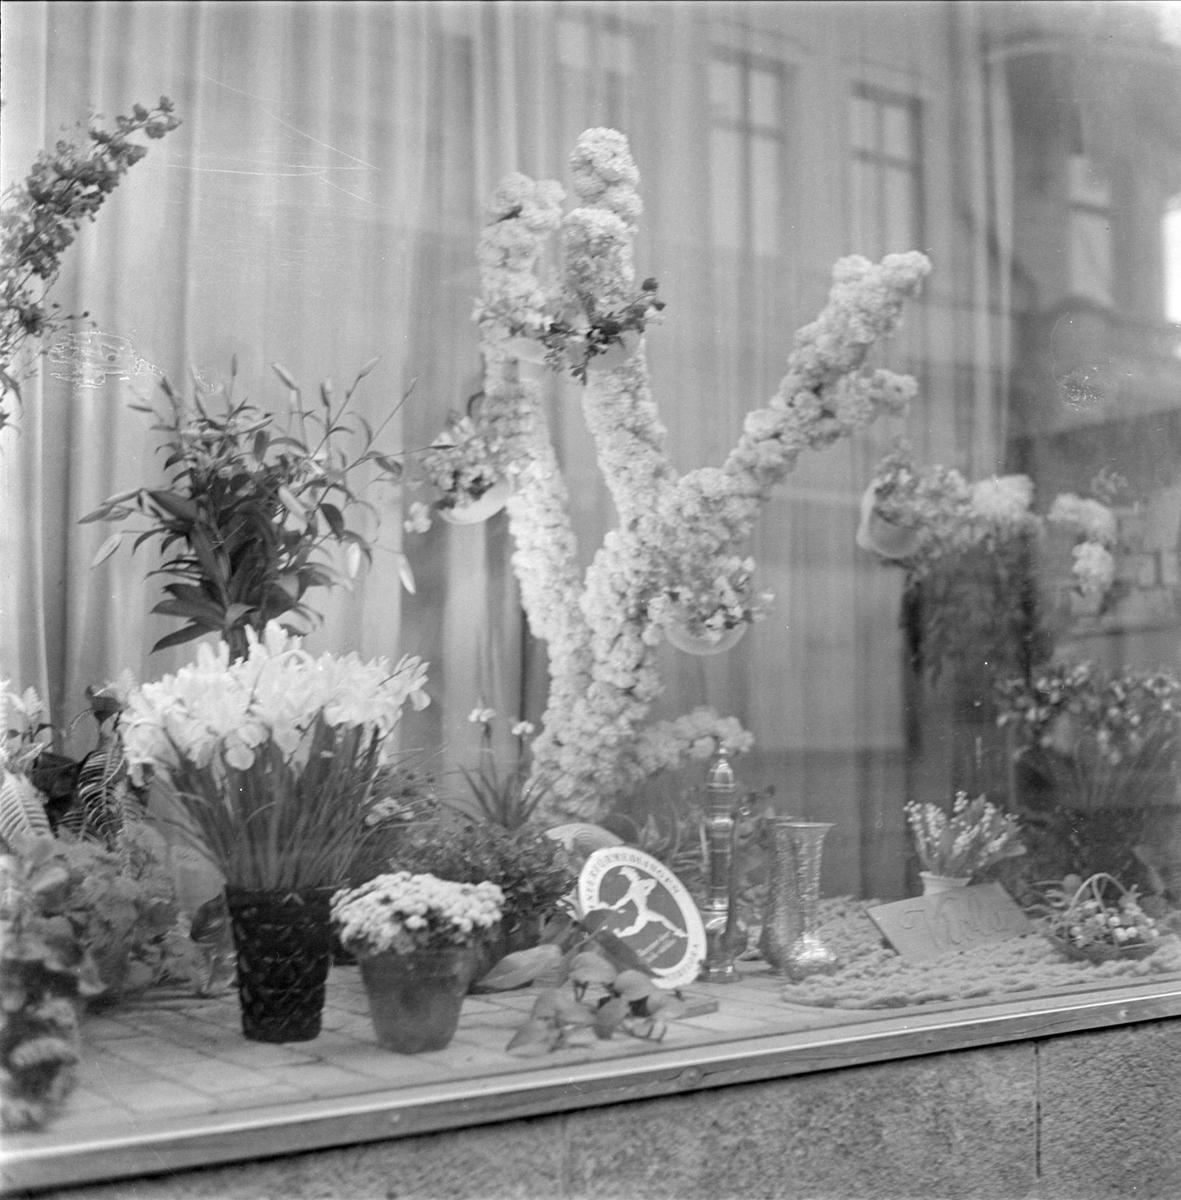 Viola Blomsteraffärs skyltfönster, Drottninggatan 1, kvarteret Rådhuset, Uppsala